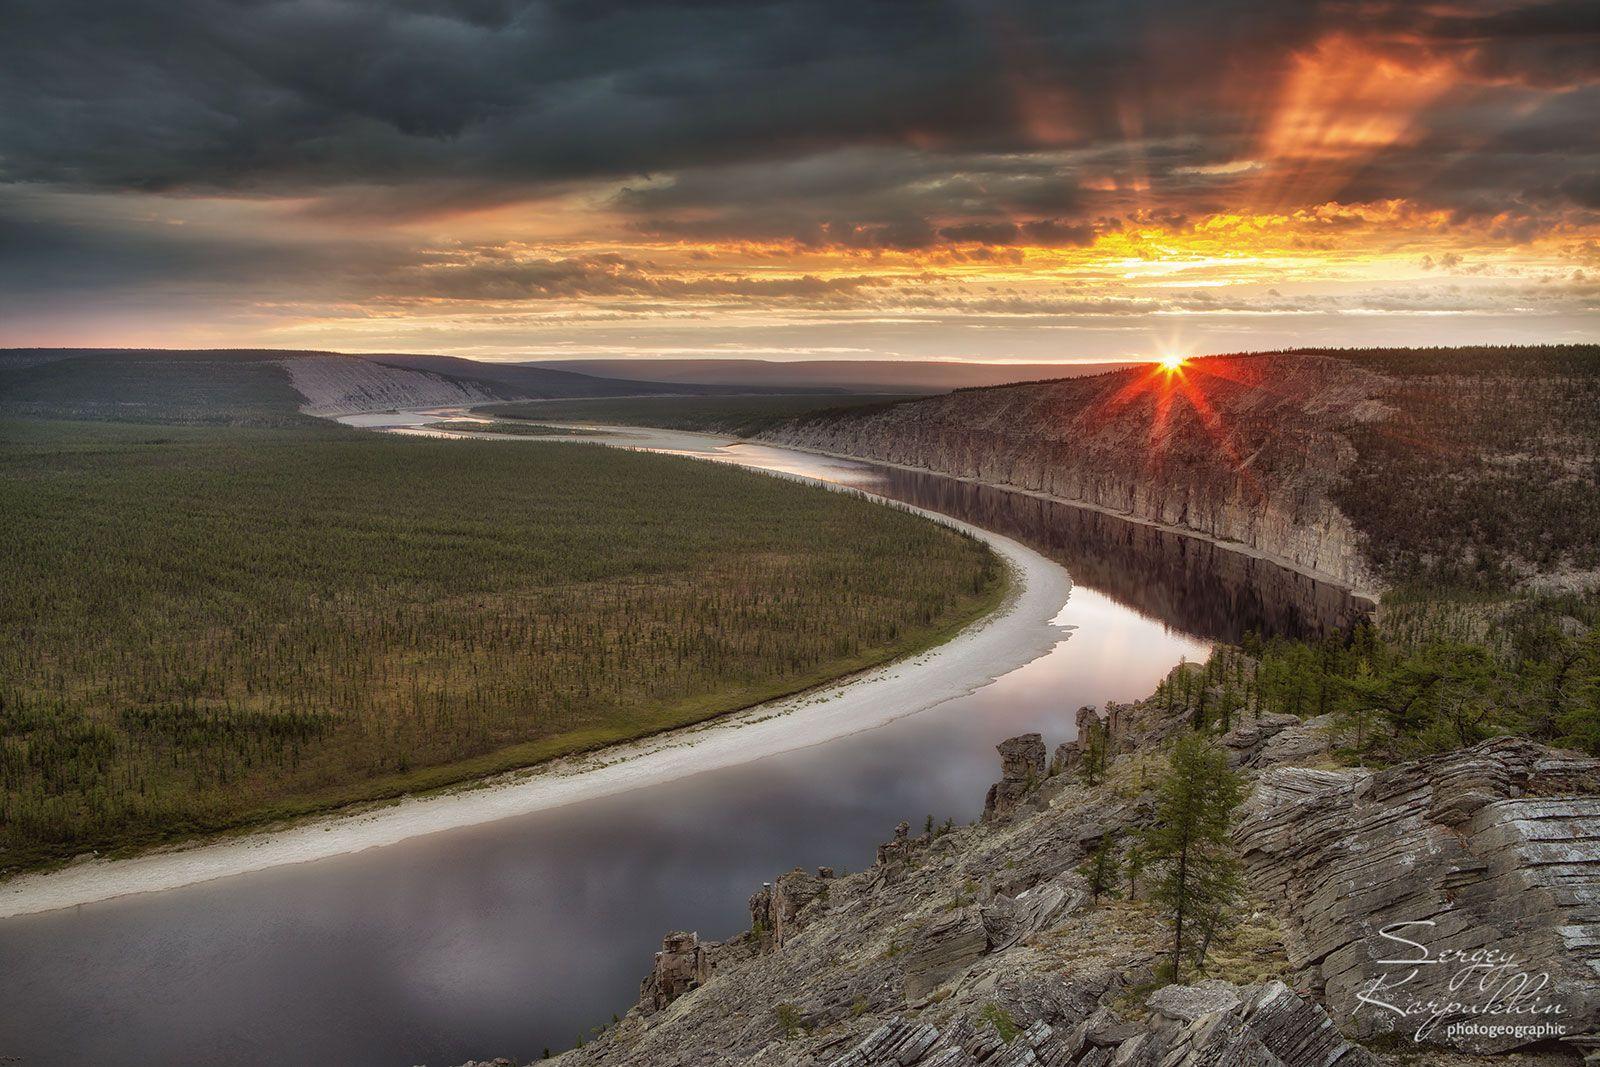 якутия, оленёк, Сергей Карпухин